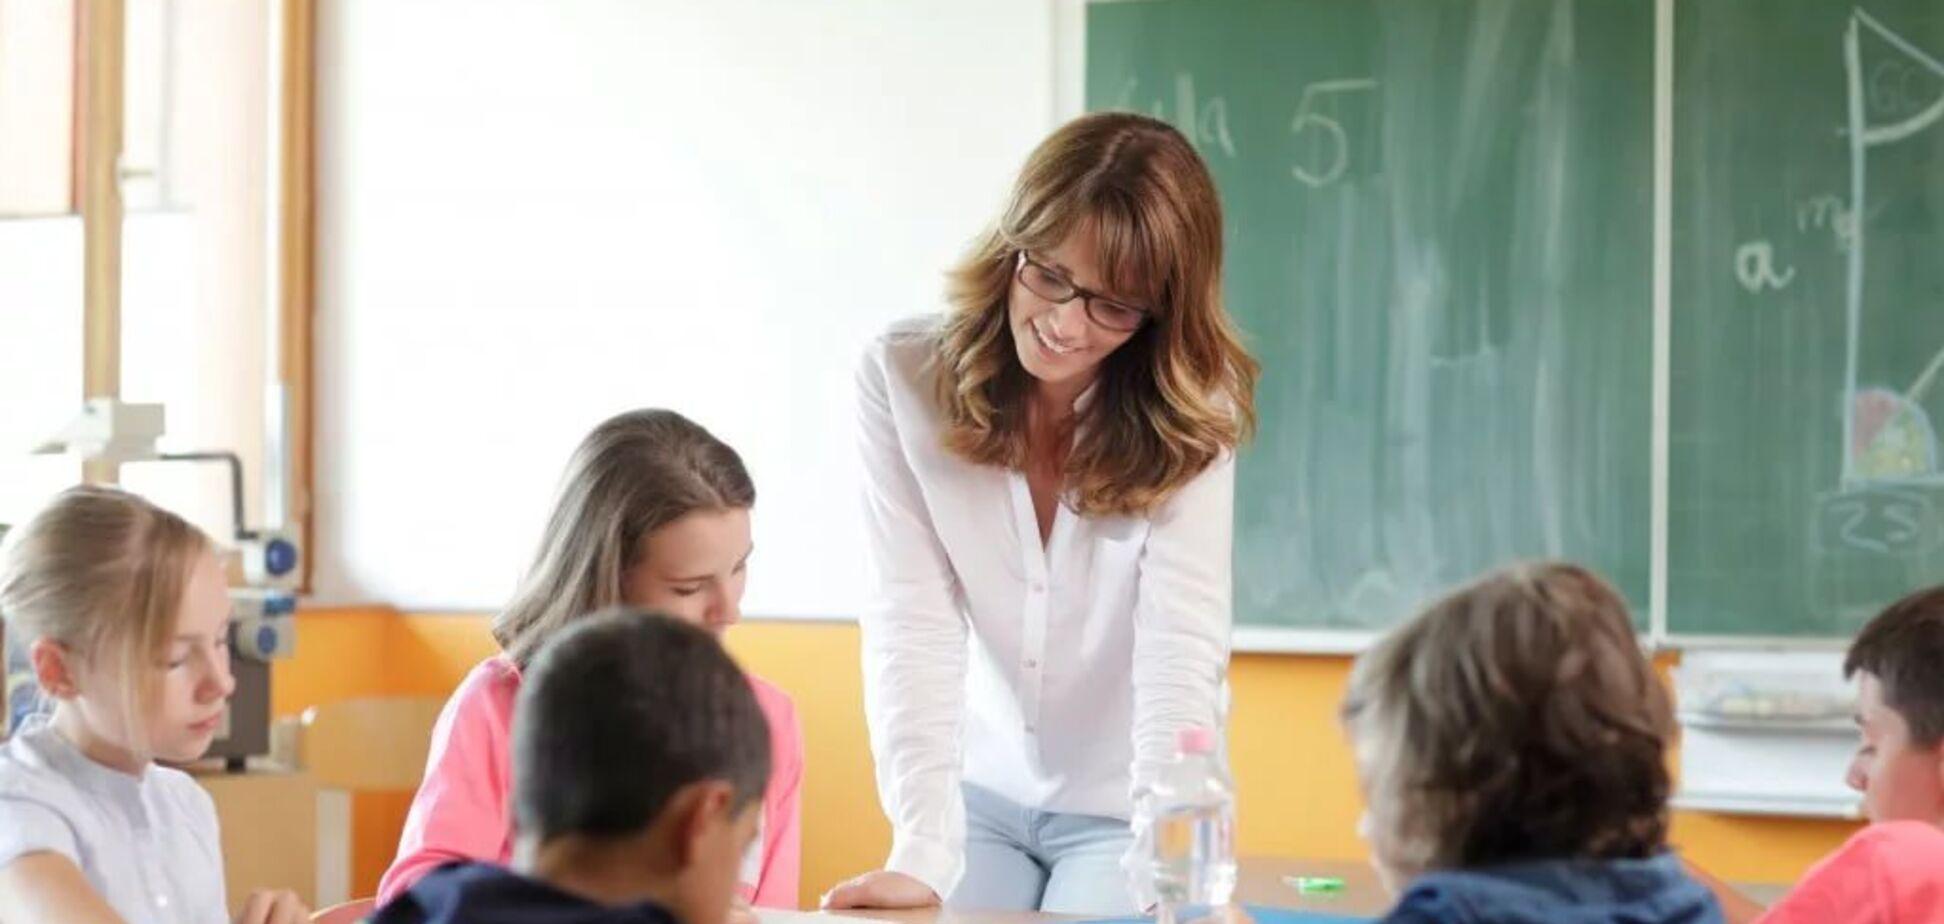 Поработай с мое, тогда скажешь: как молодому учителю выжить в школе